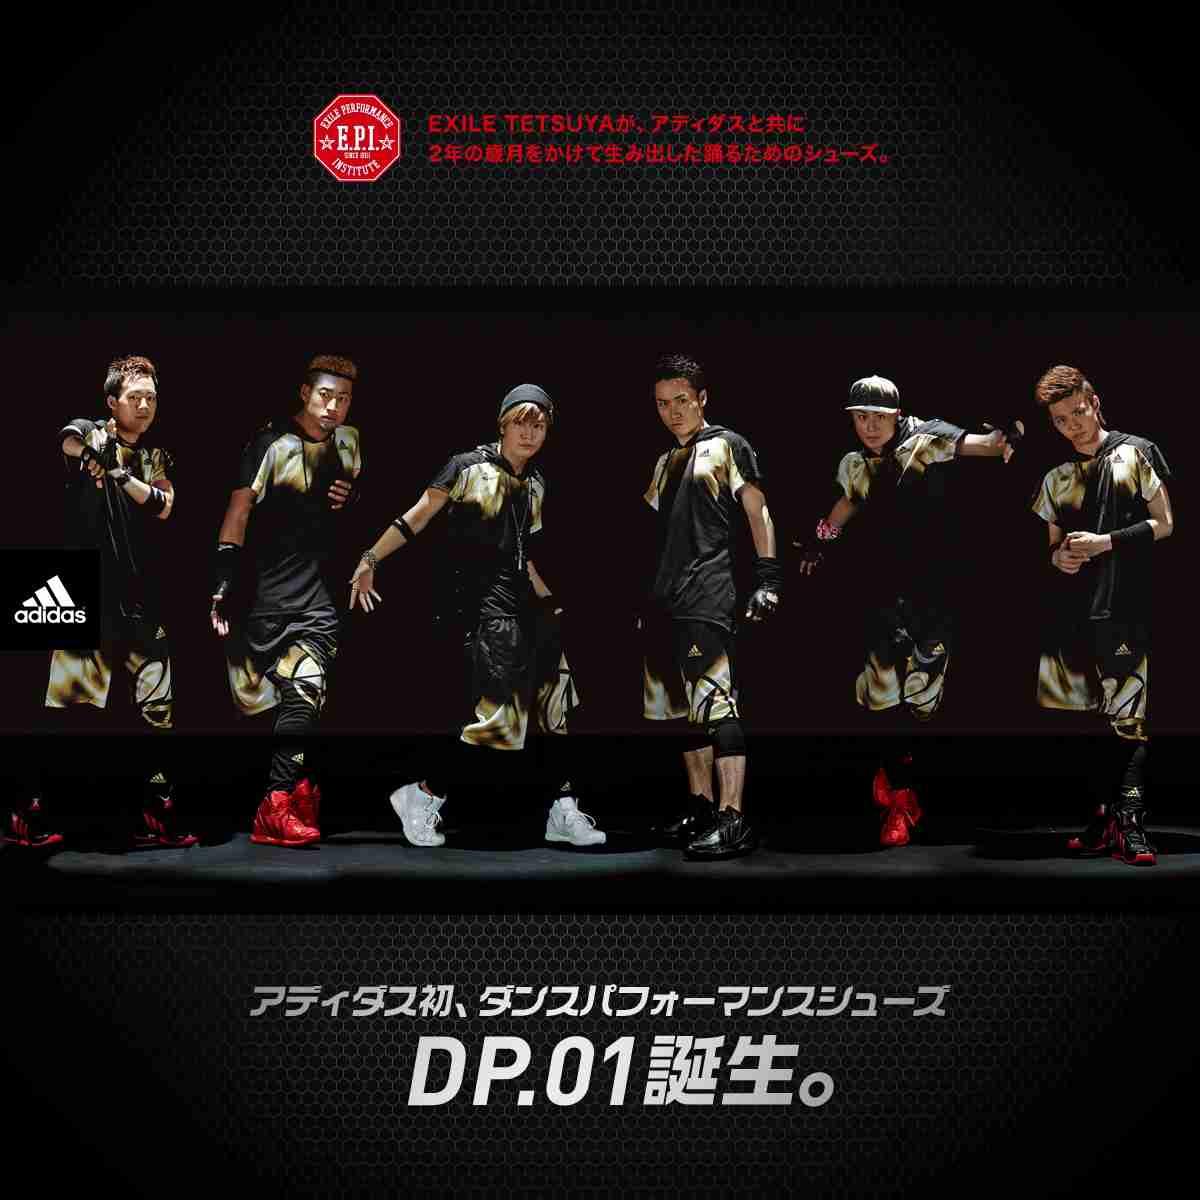 DP.01 | adidas